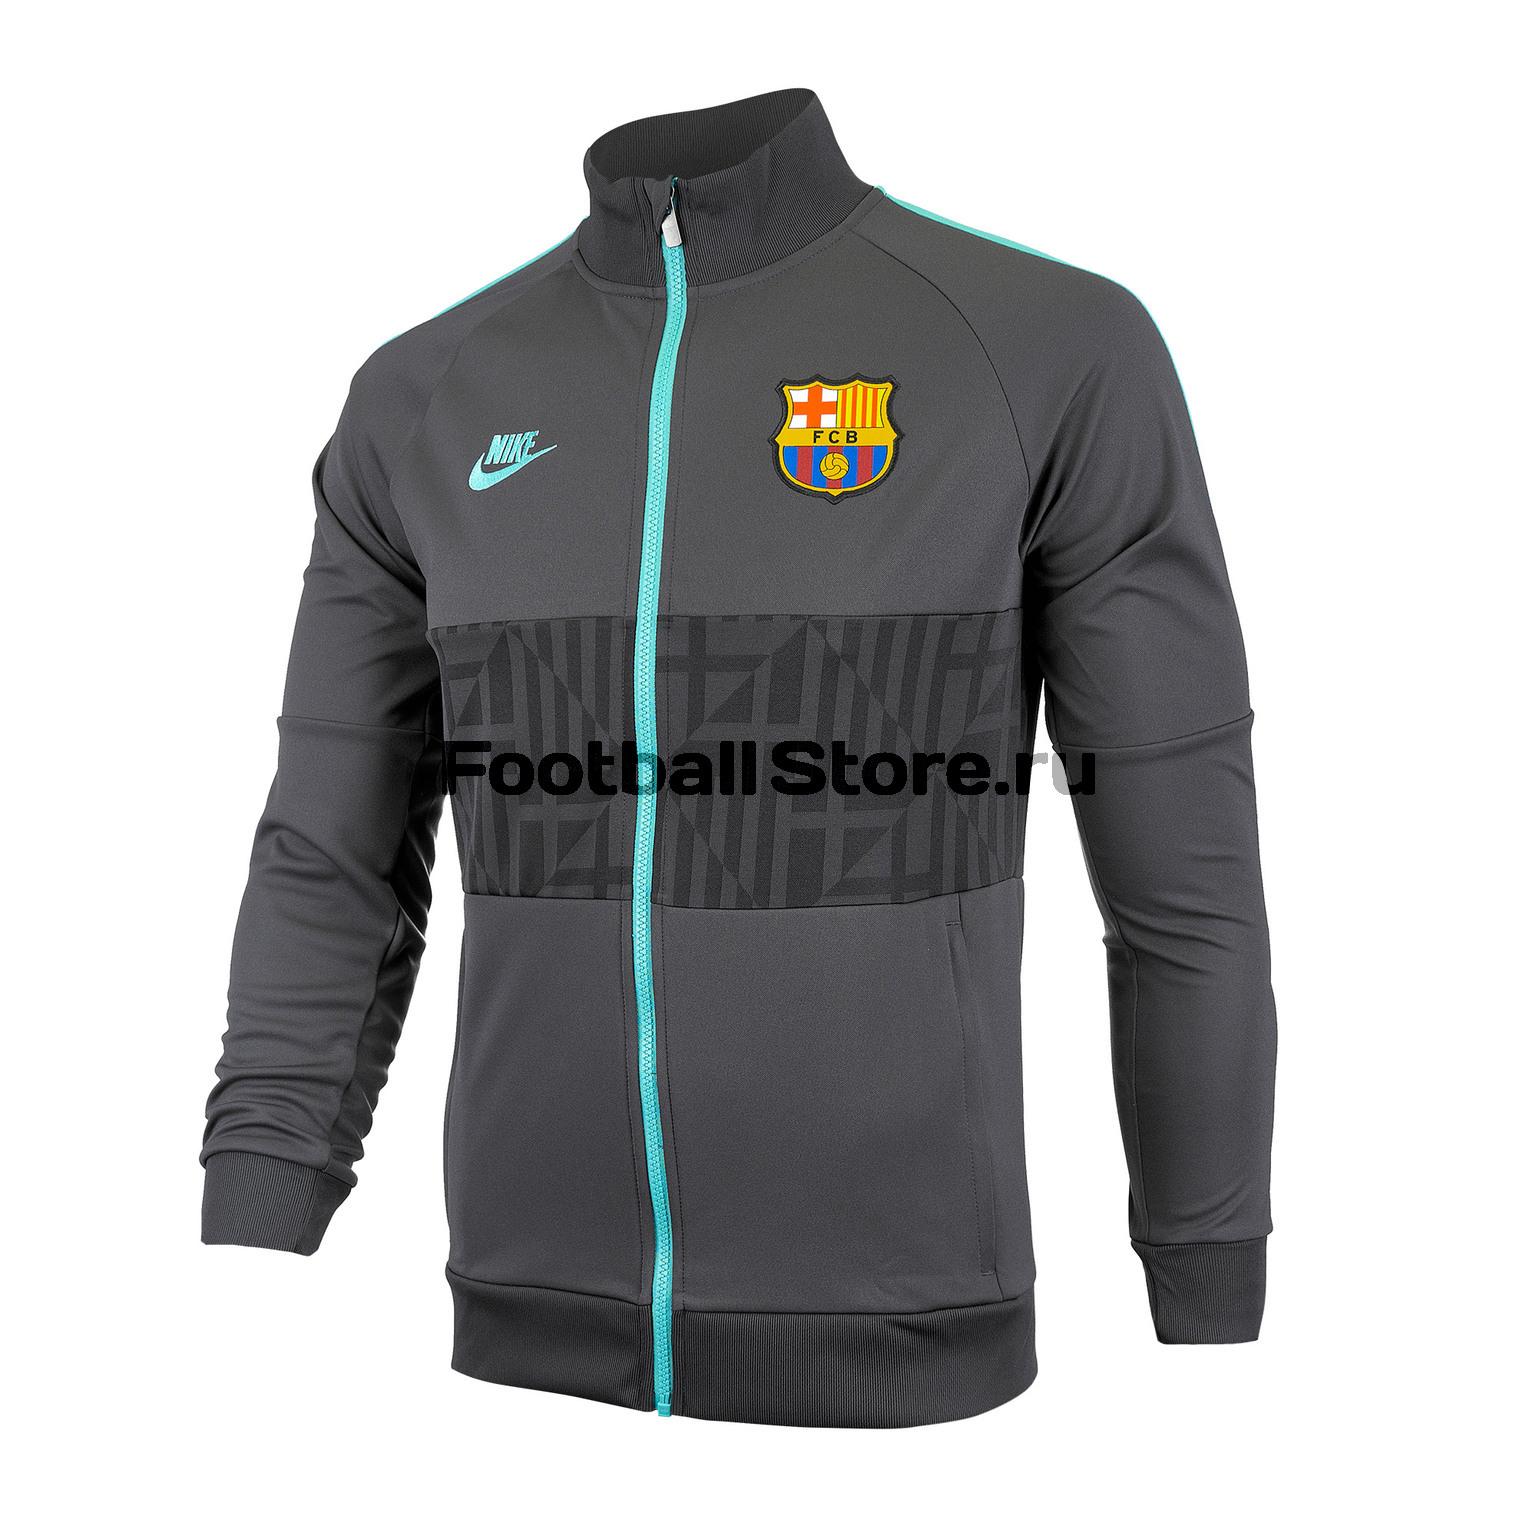 Олимпийка Nike Barcelona I96 BV2606-070 цена и фото